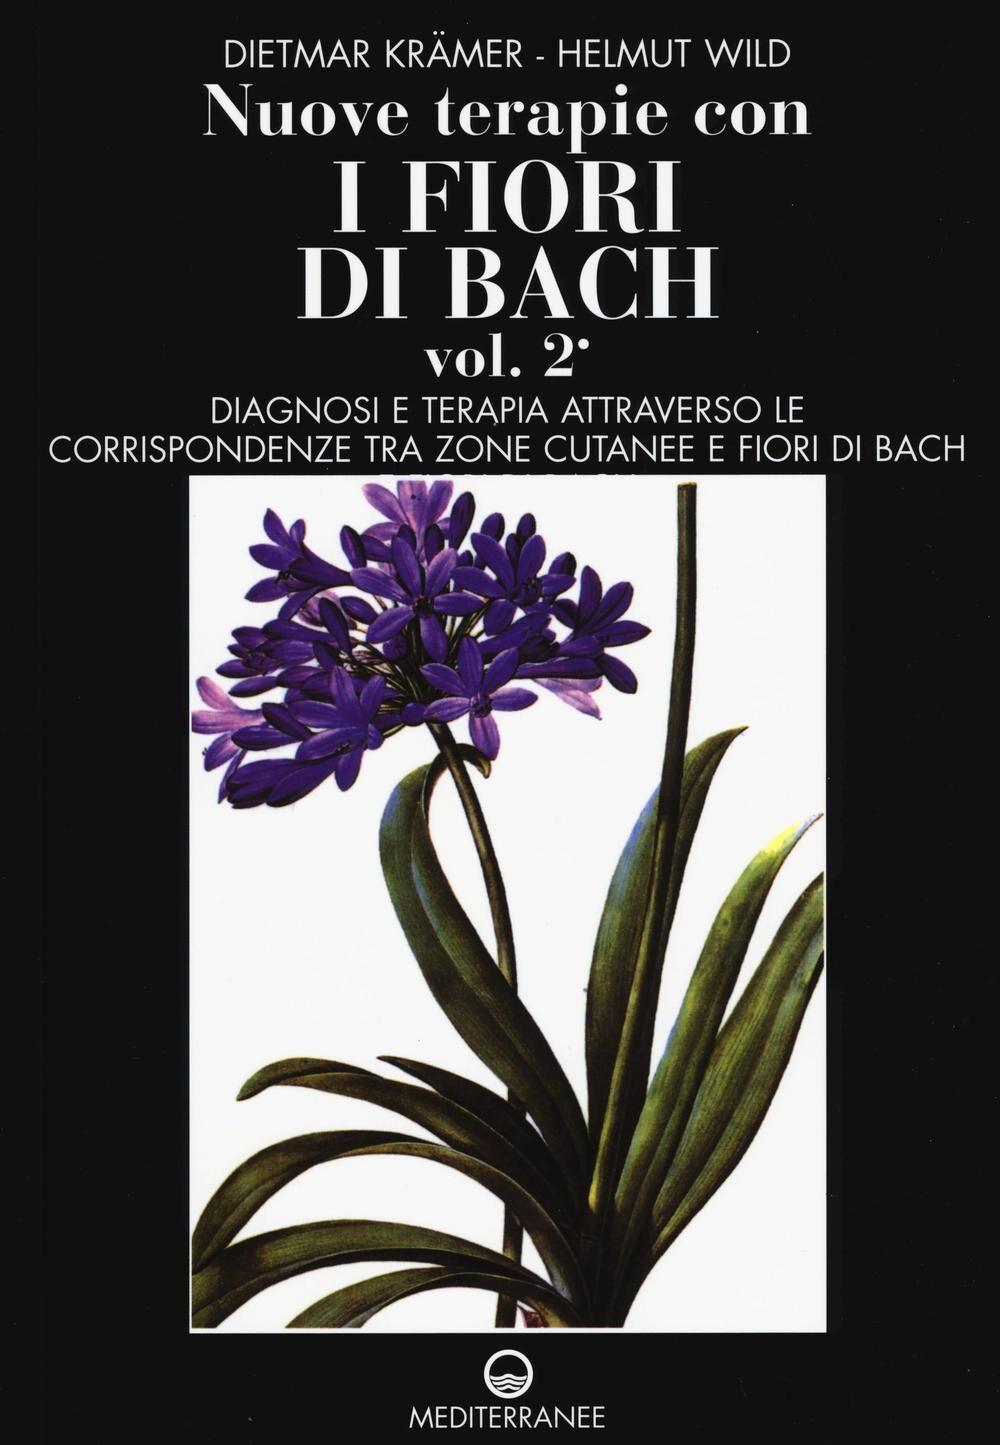 Nuove terapie con i fiori di Bach. Vol. 2: Diagnosi e terapia attraverso le corrispondenze tra zone cutanee e fiori di Bach.